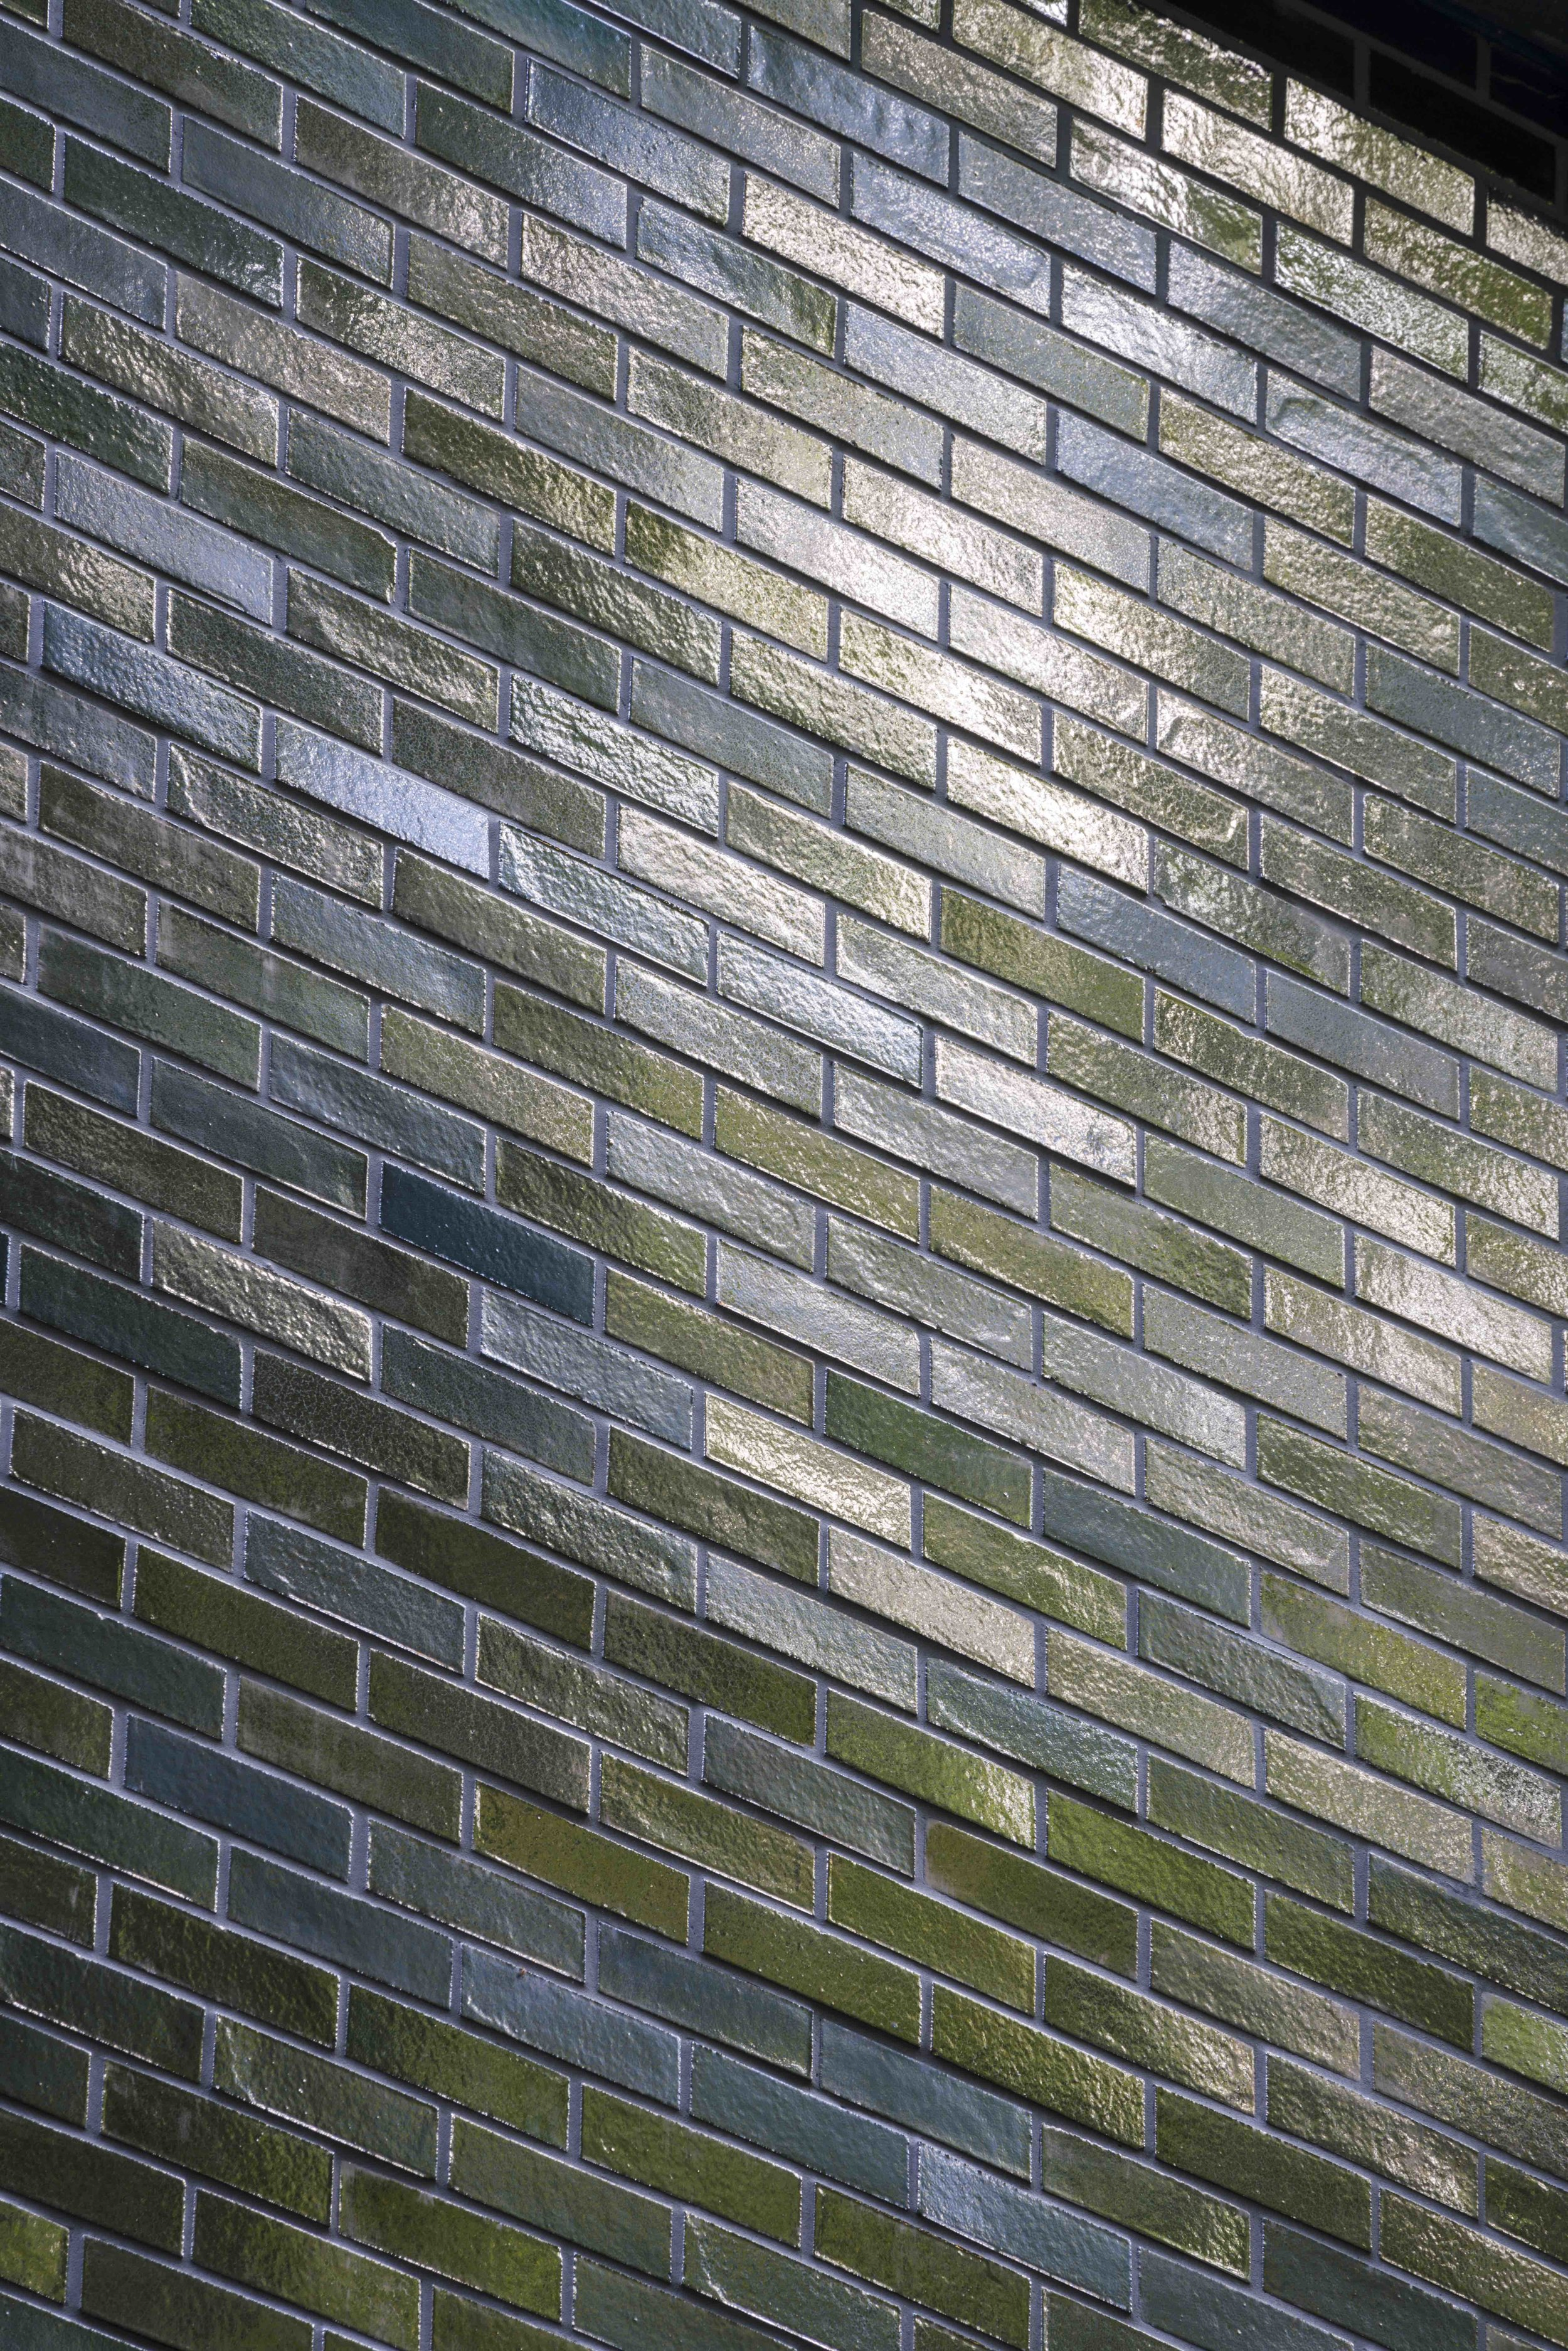 Grosvenor_Image_New 16.jpg